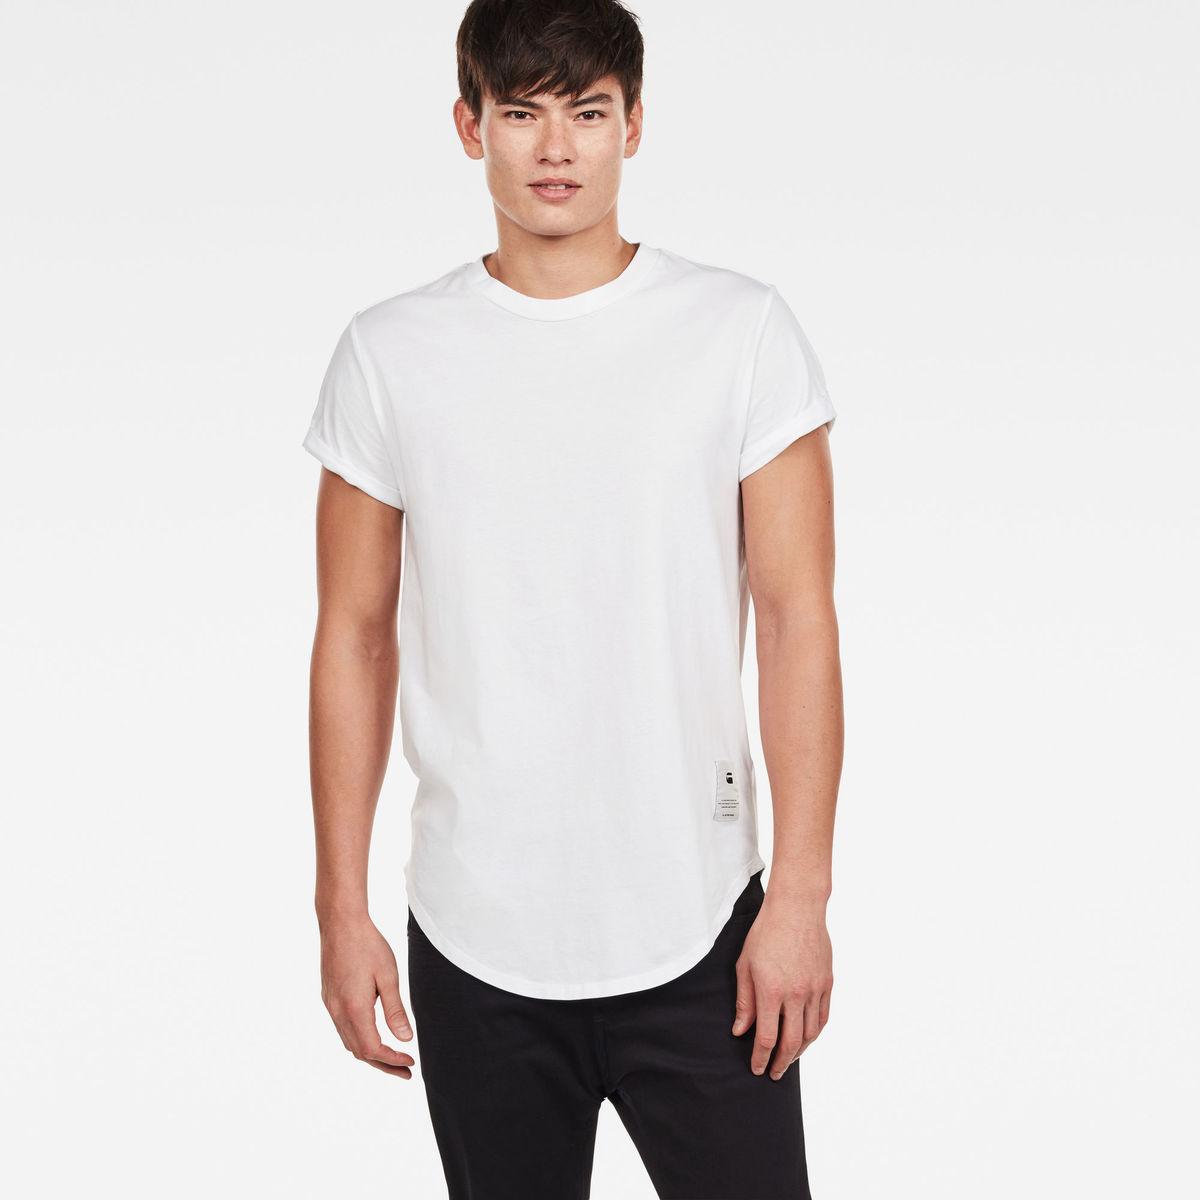 Bild 1 von Shelo Relaxed T-Shirt